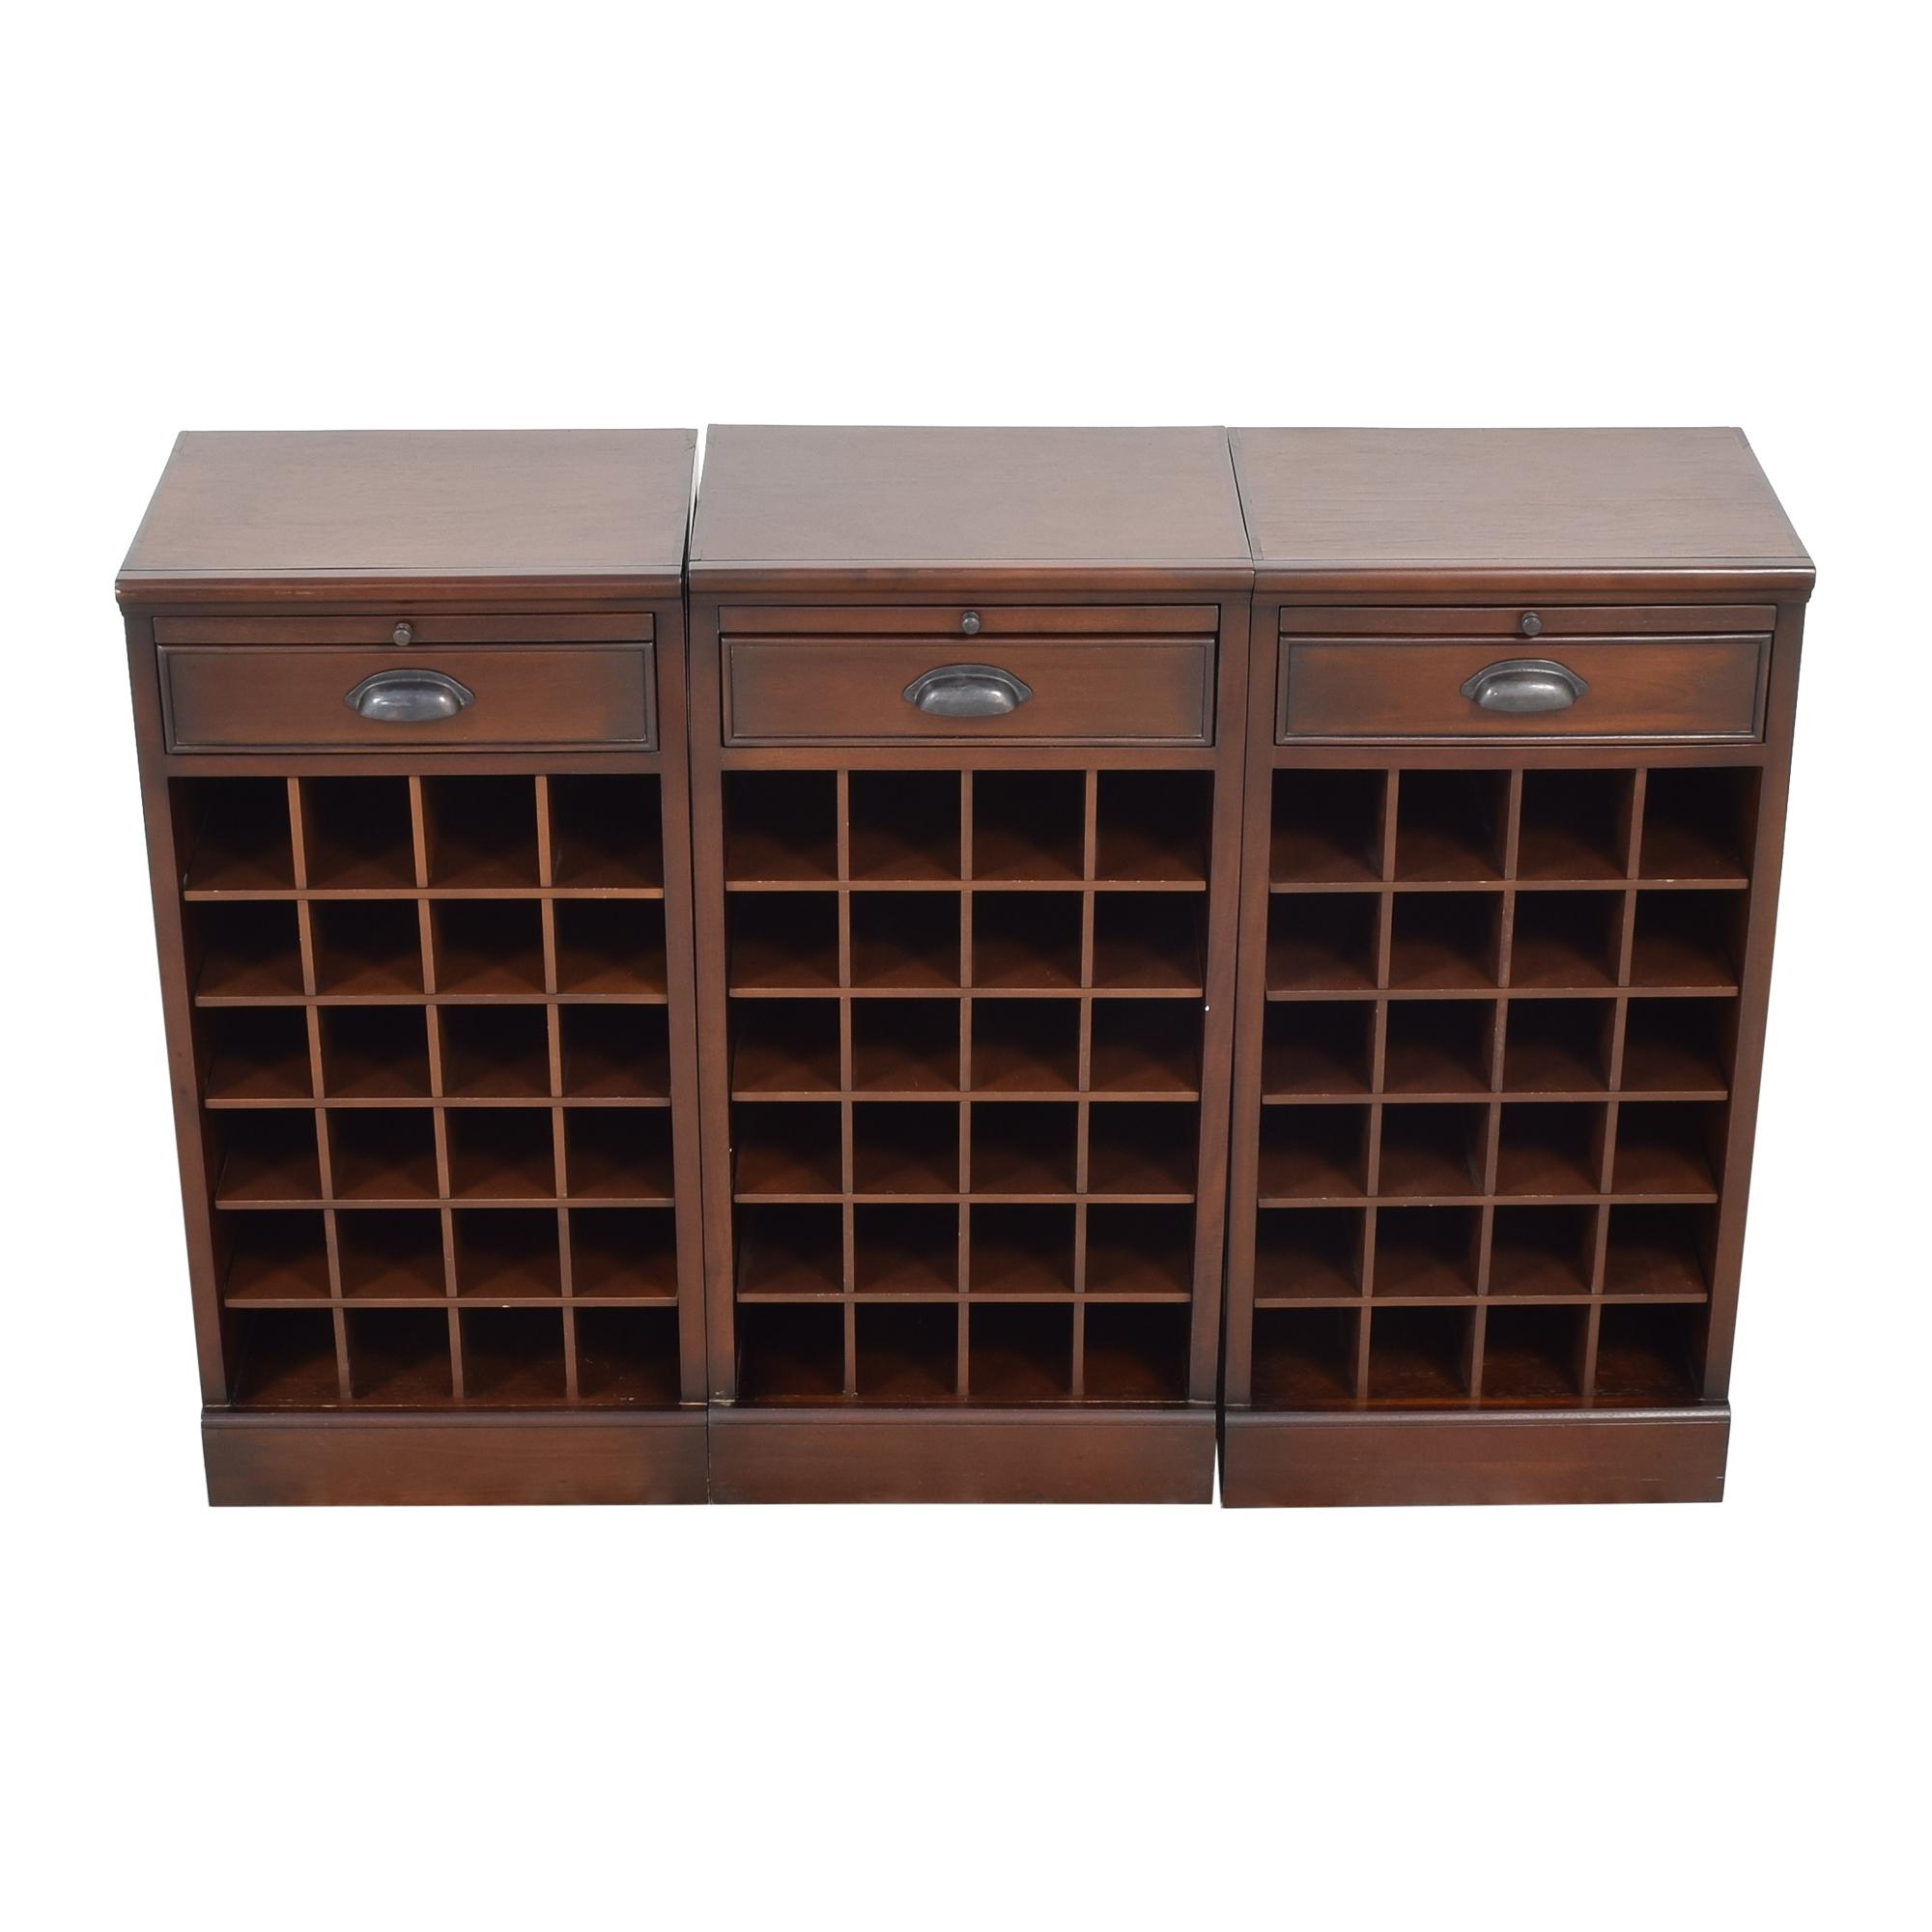 Pottery Barn Pottery Barn Modular Bar Wine Cabinet discount